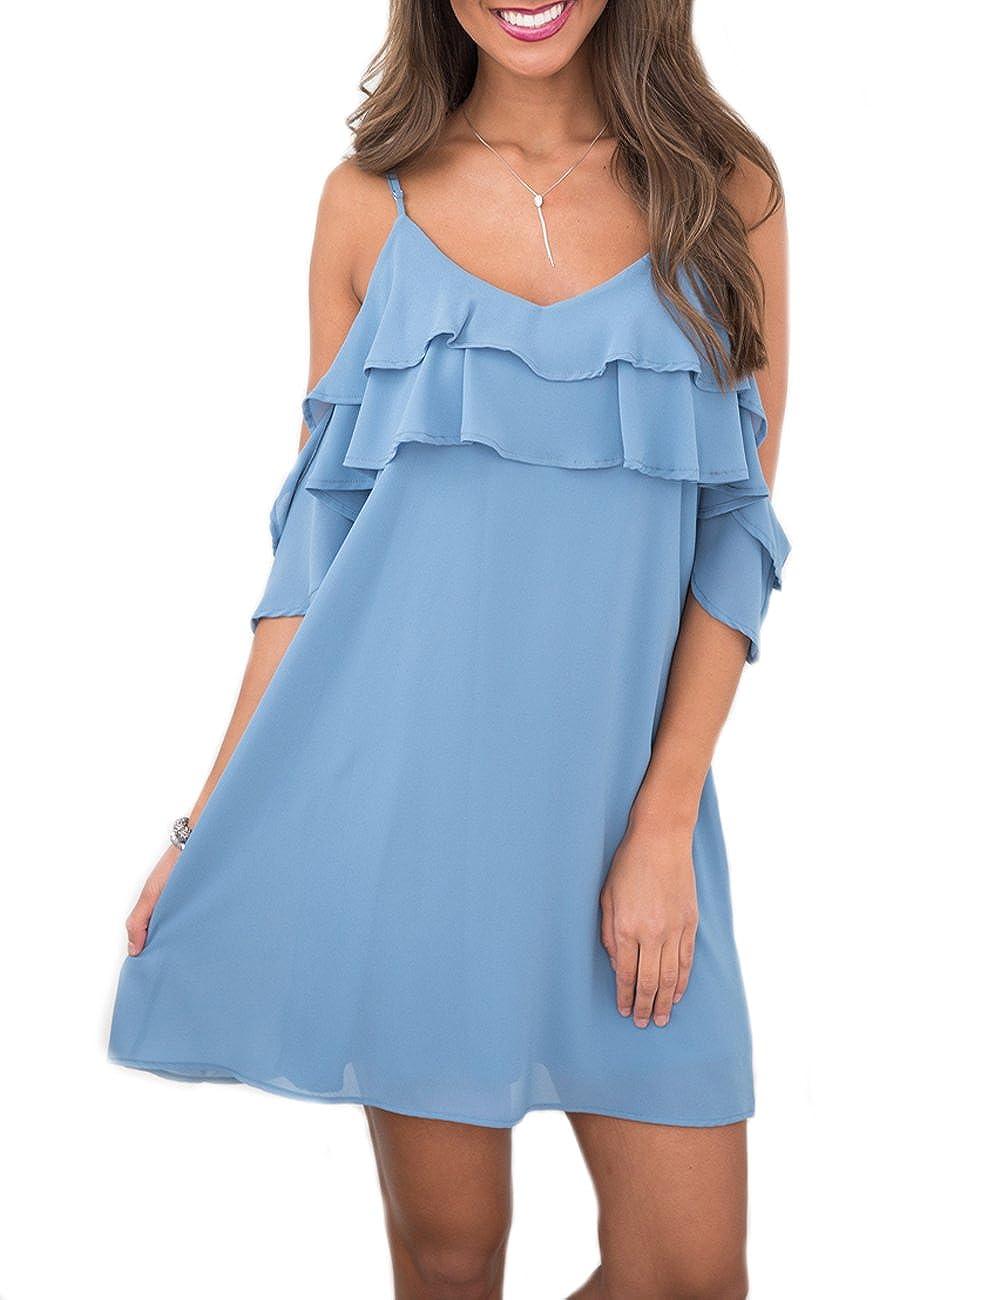 27de02487c0a89 Top 10 wholesale Loose Top Dress - Chinabrands.com